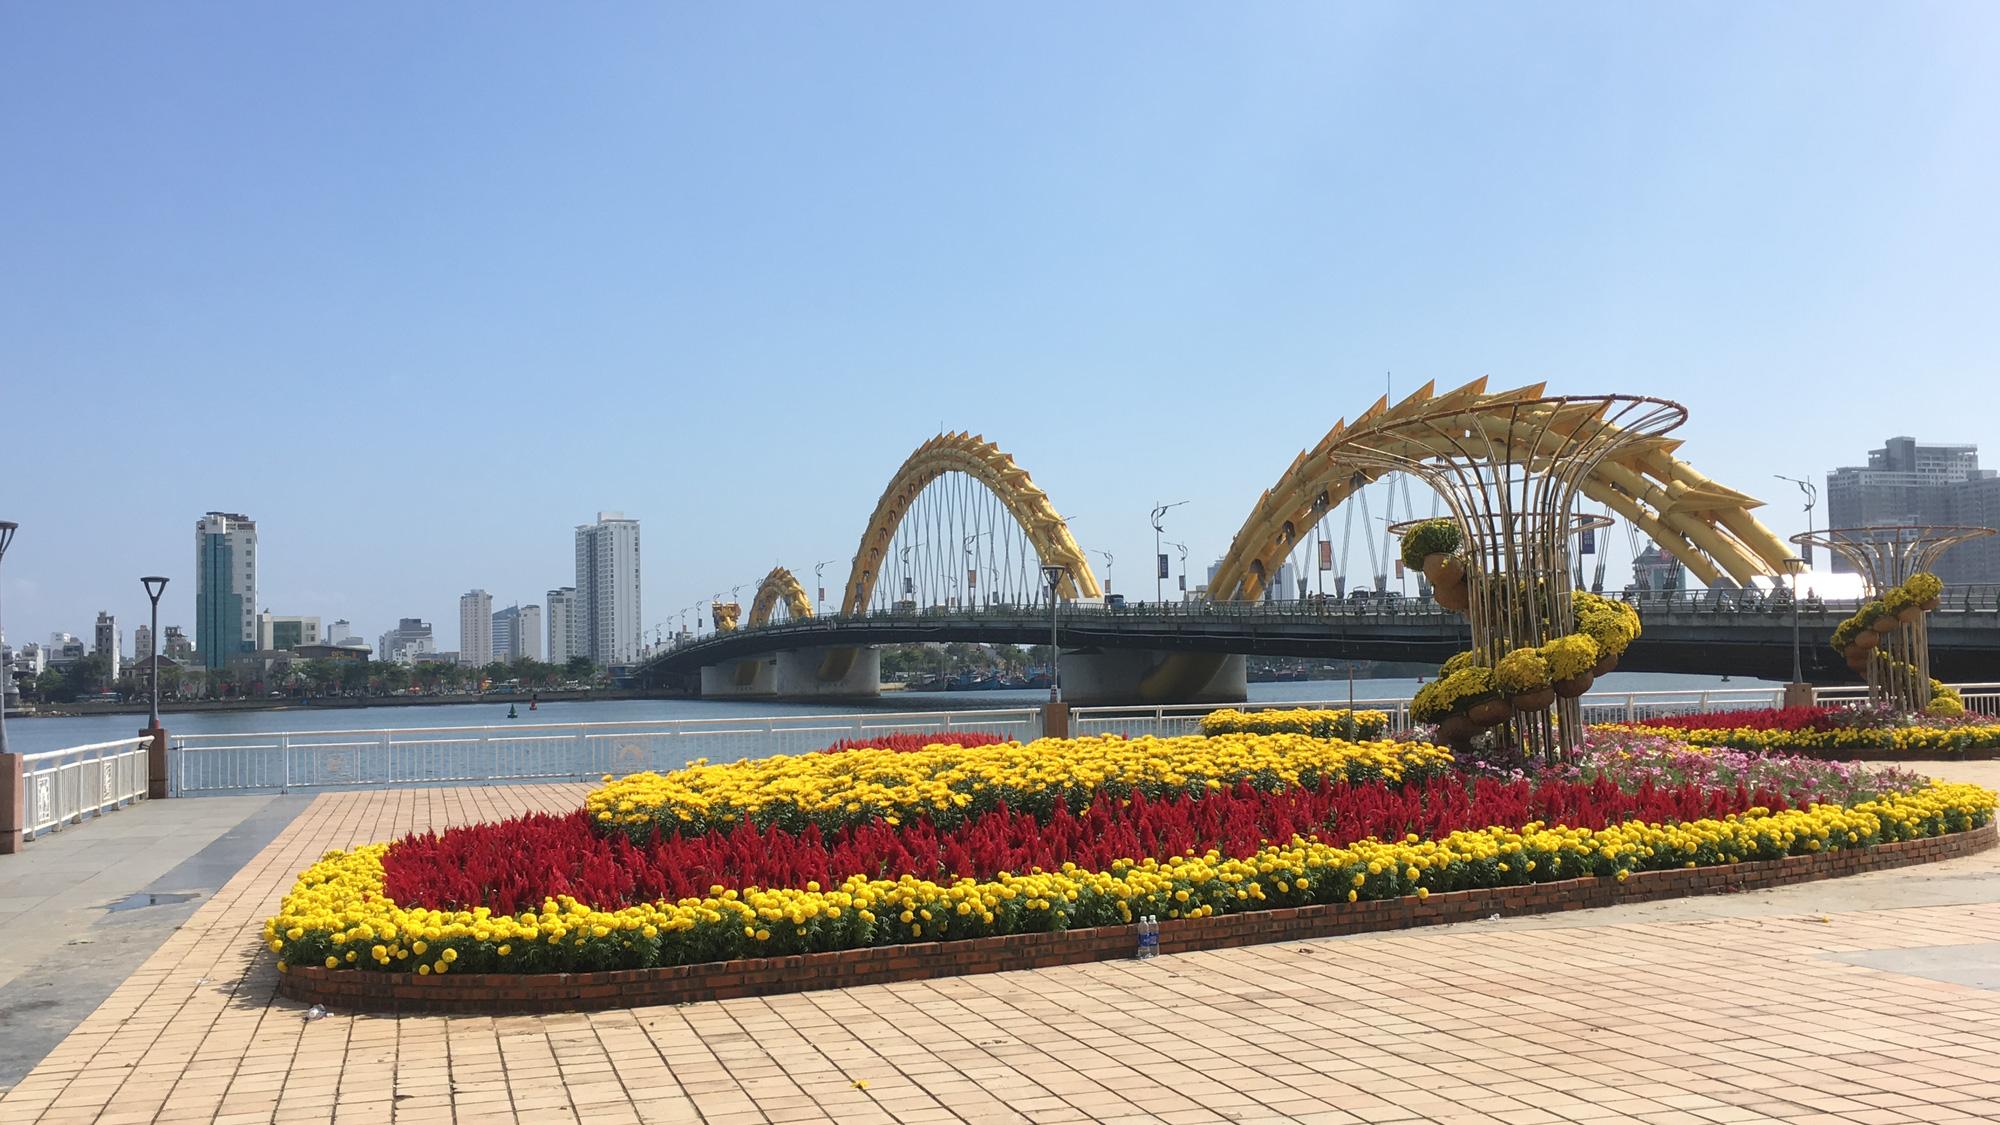 Hối hả thi công đường hoa Đà Nẵng để người dân tham quan, chơi Tết Canh Tý 2020 - Ảnh 2.